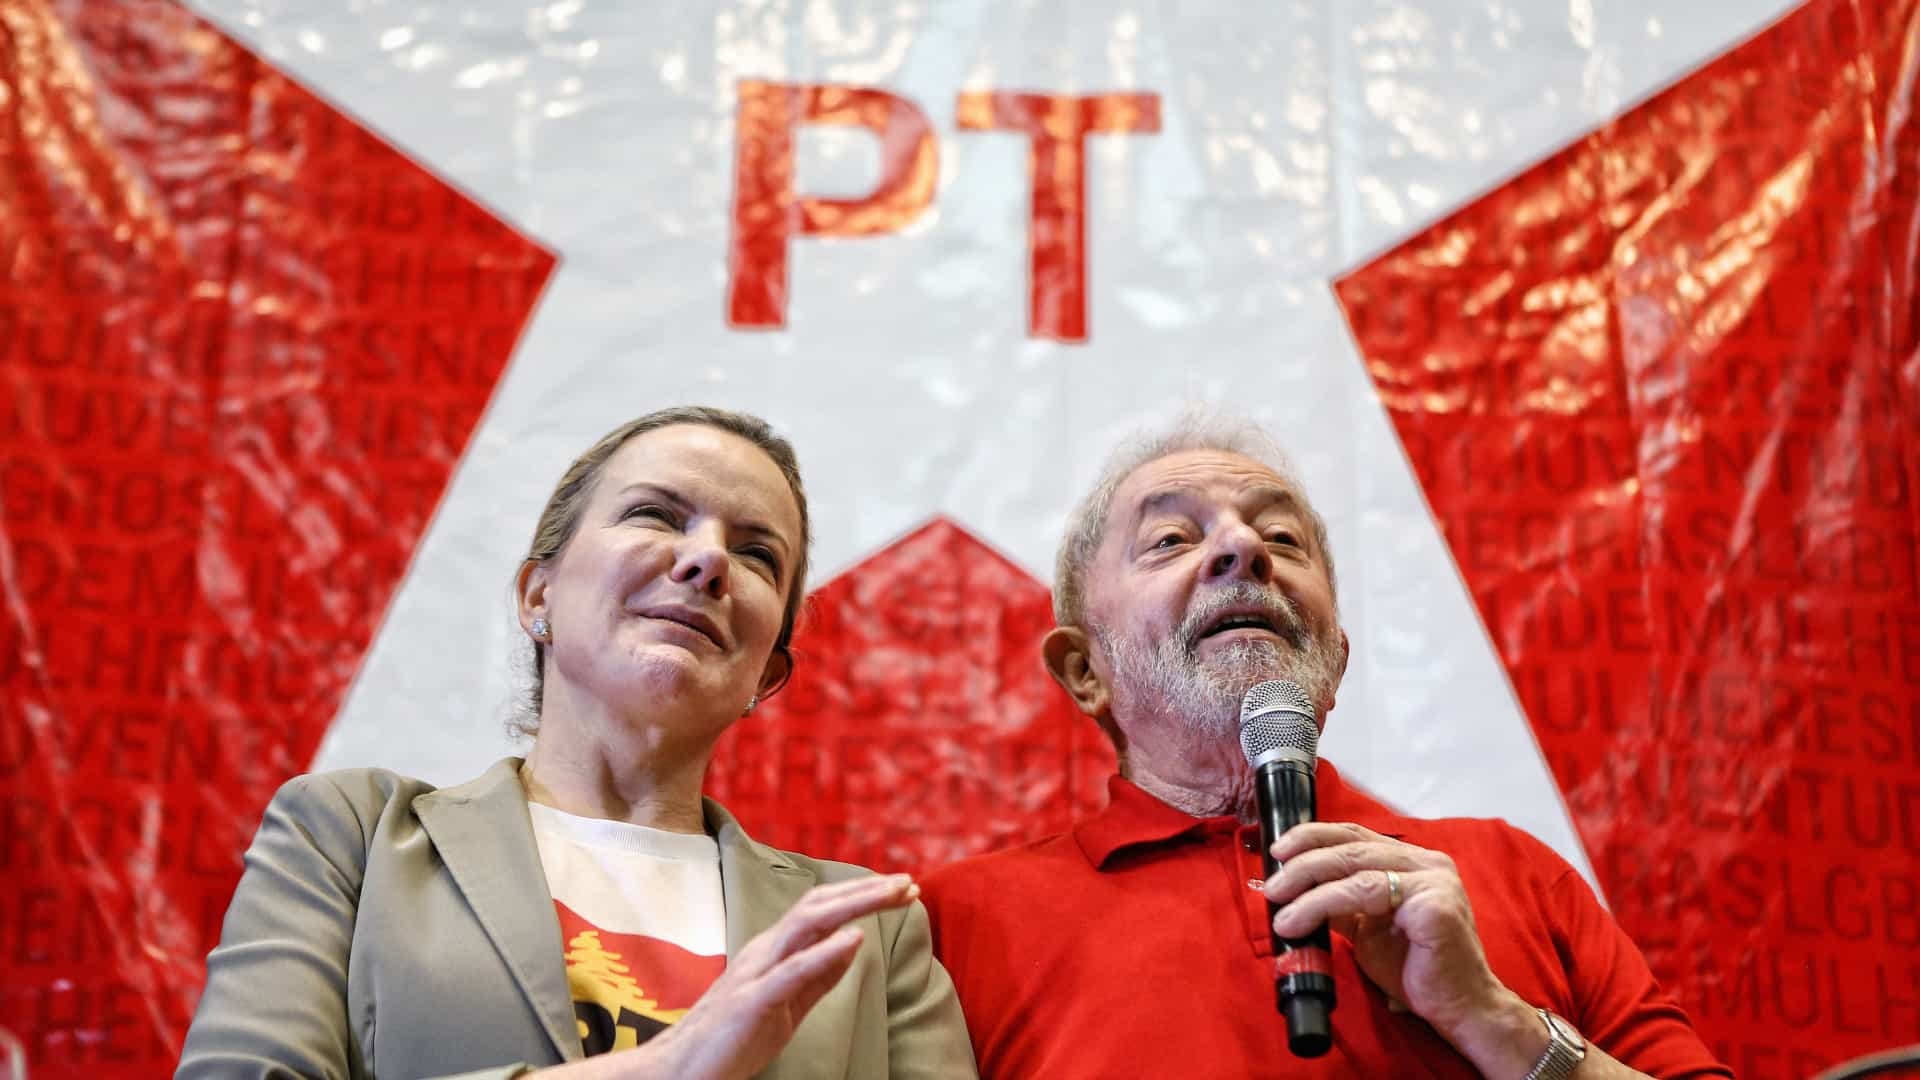 Militantes feministas acusam Lula de reforçar estereótipos de gênero